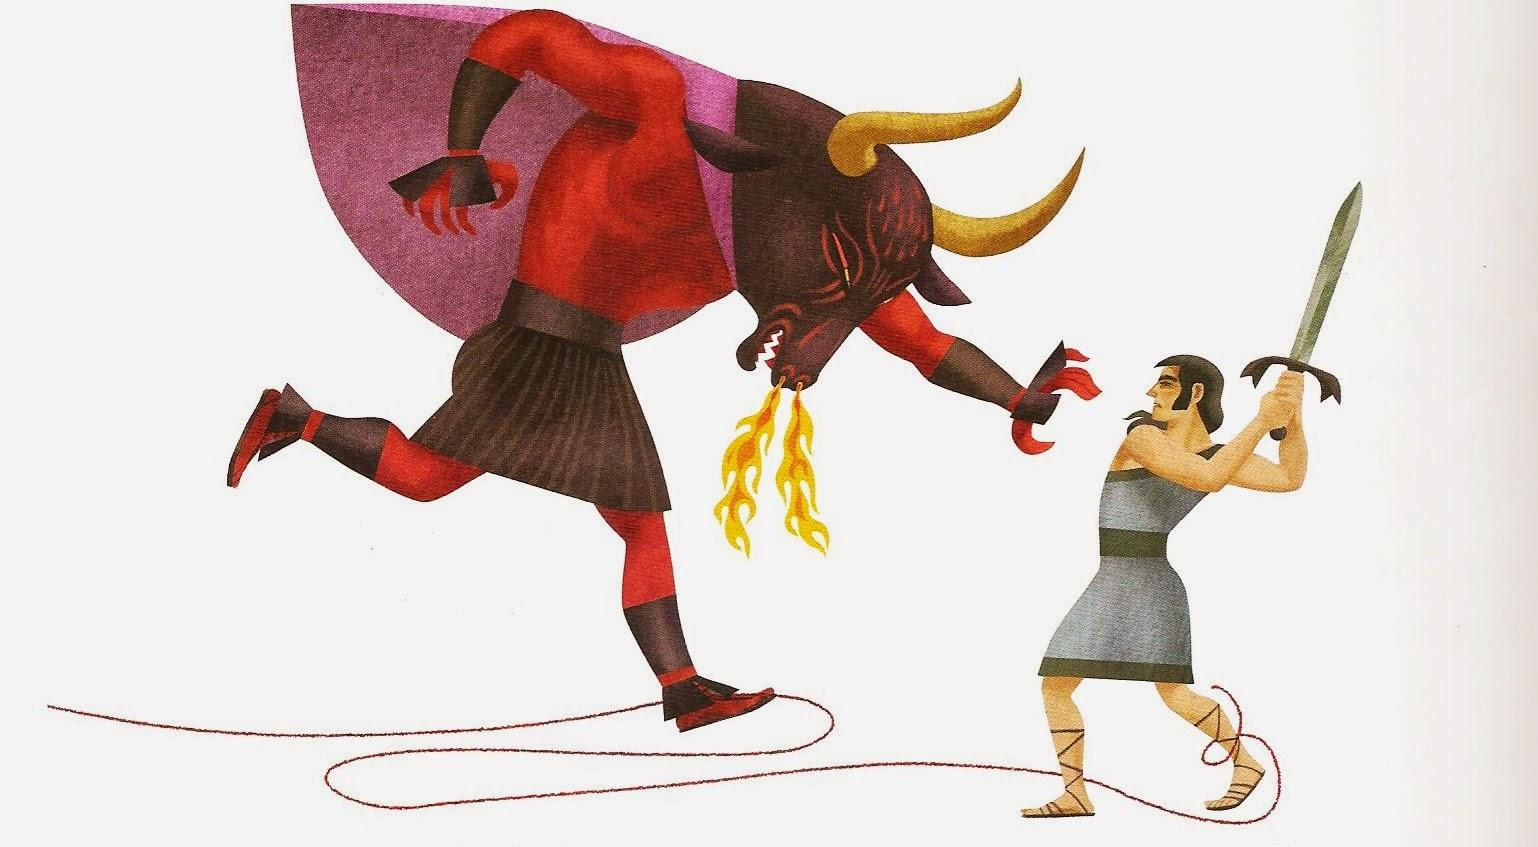 SEMANA DE MITOS: Teseu e o Minotauro